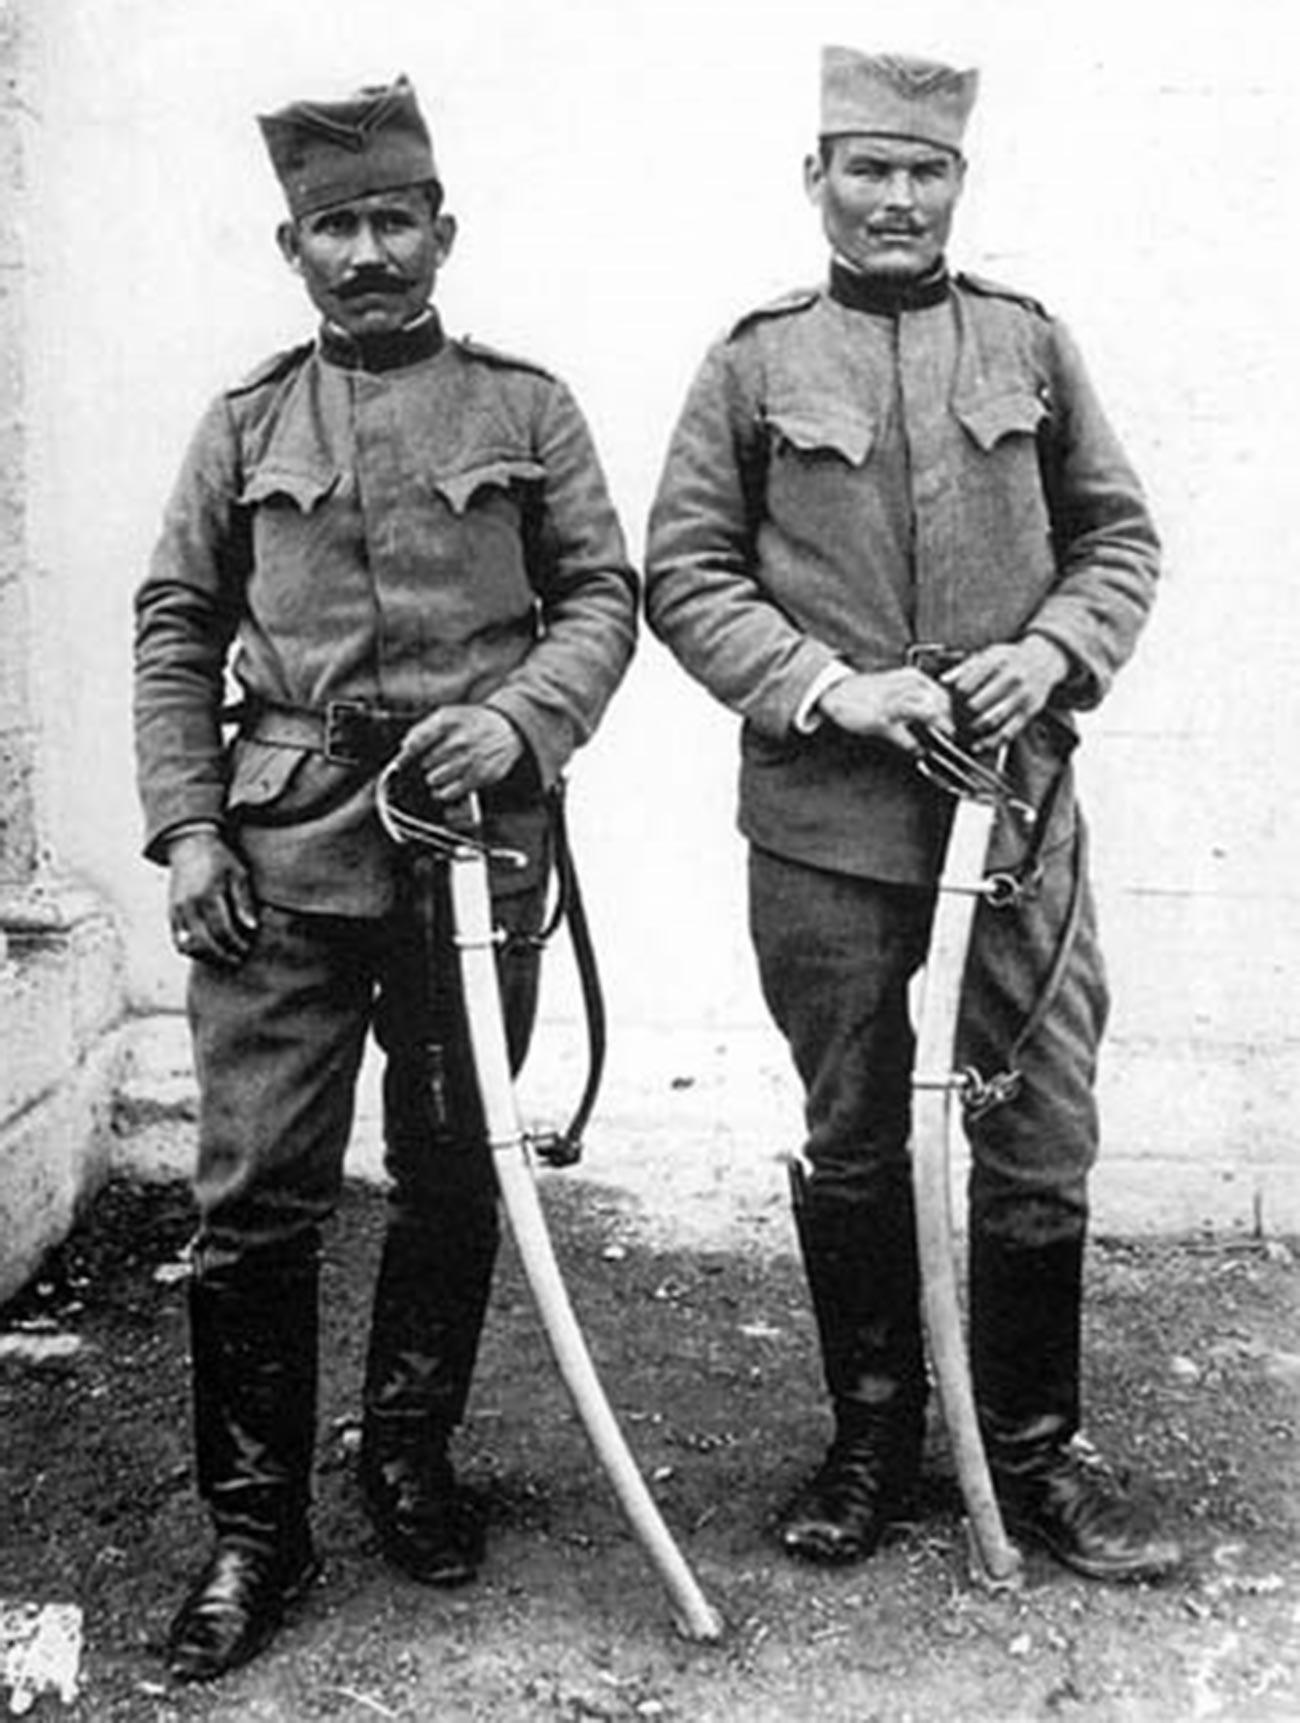 Soldaten des serbischen Freiwilligenkorps.